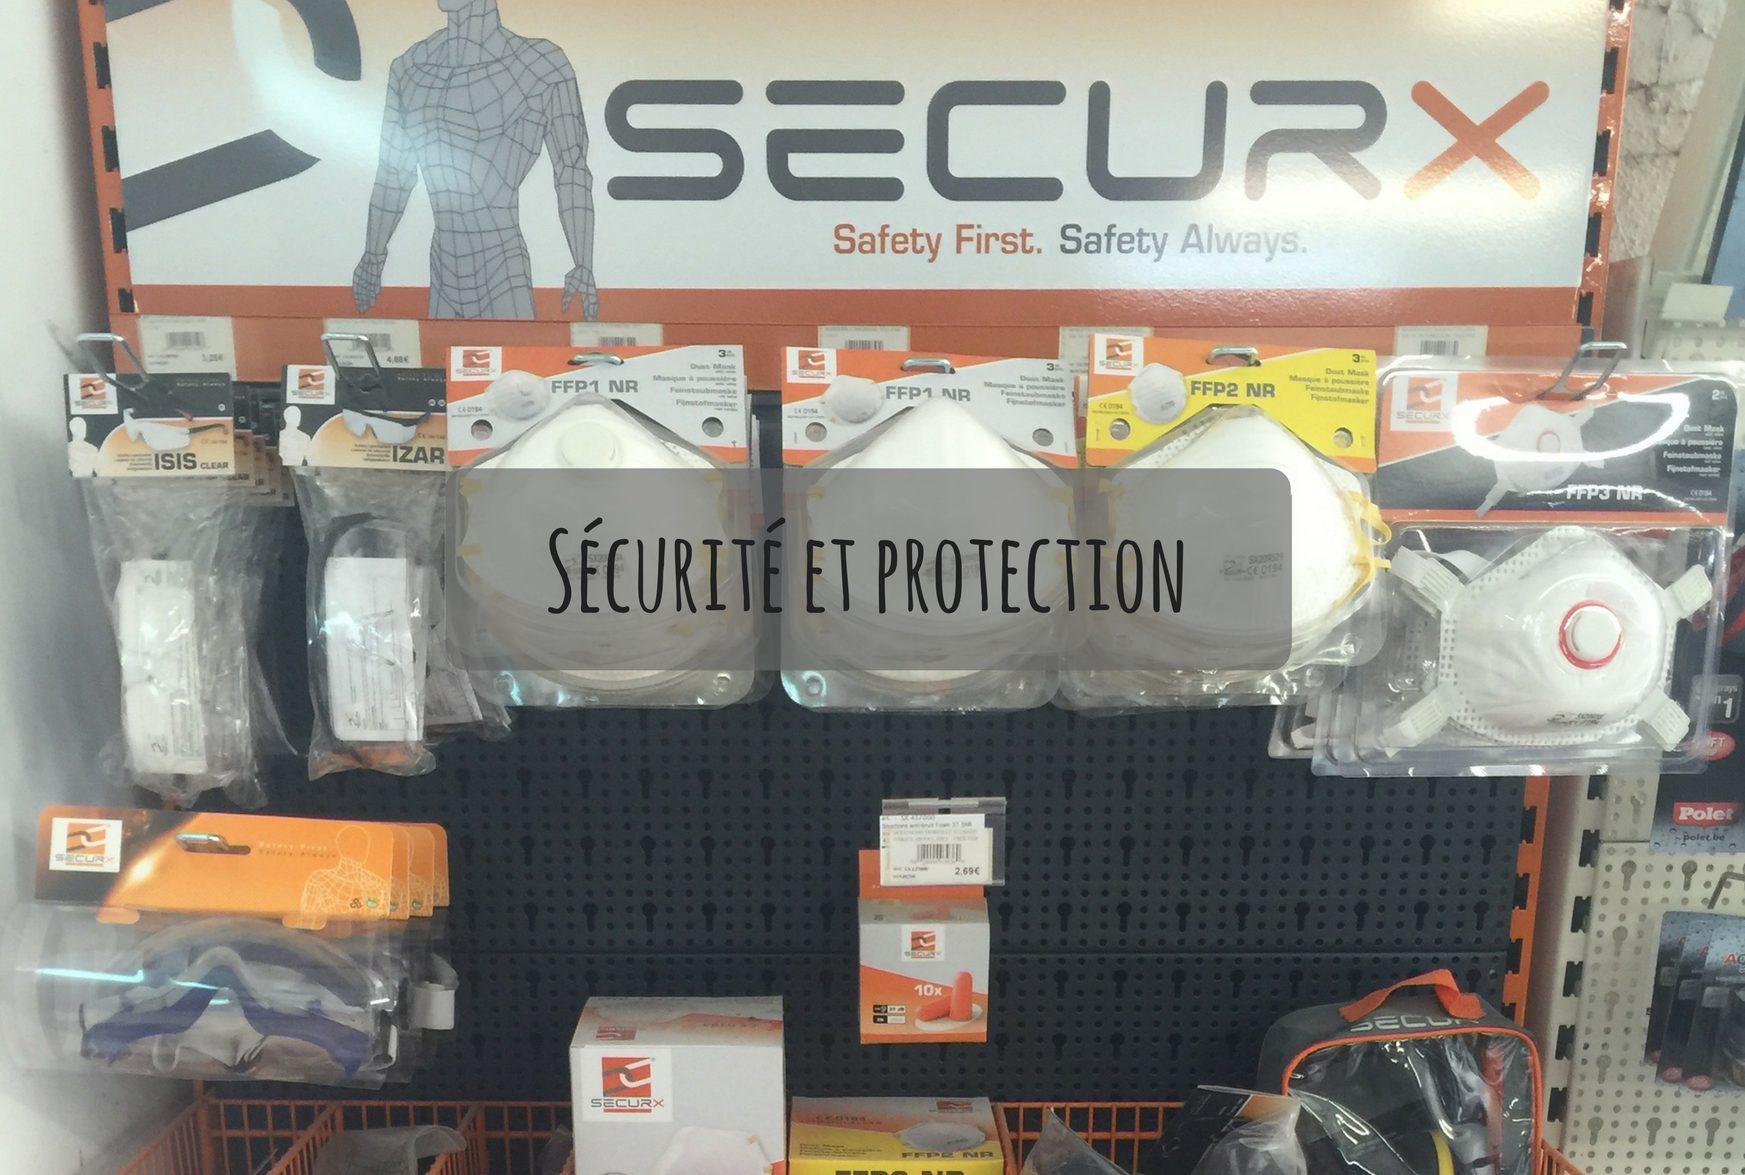 La protection passe avant tous! Munissez vous de gants, masque, casque pour être en sécurité.